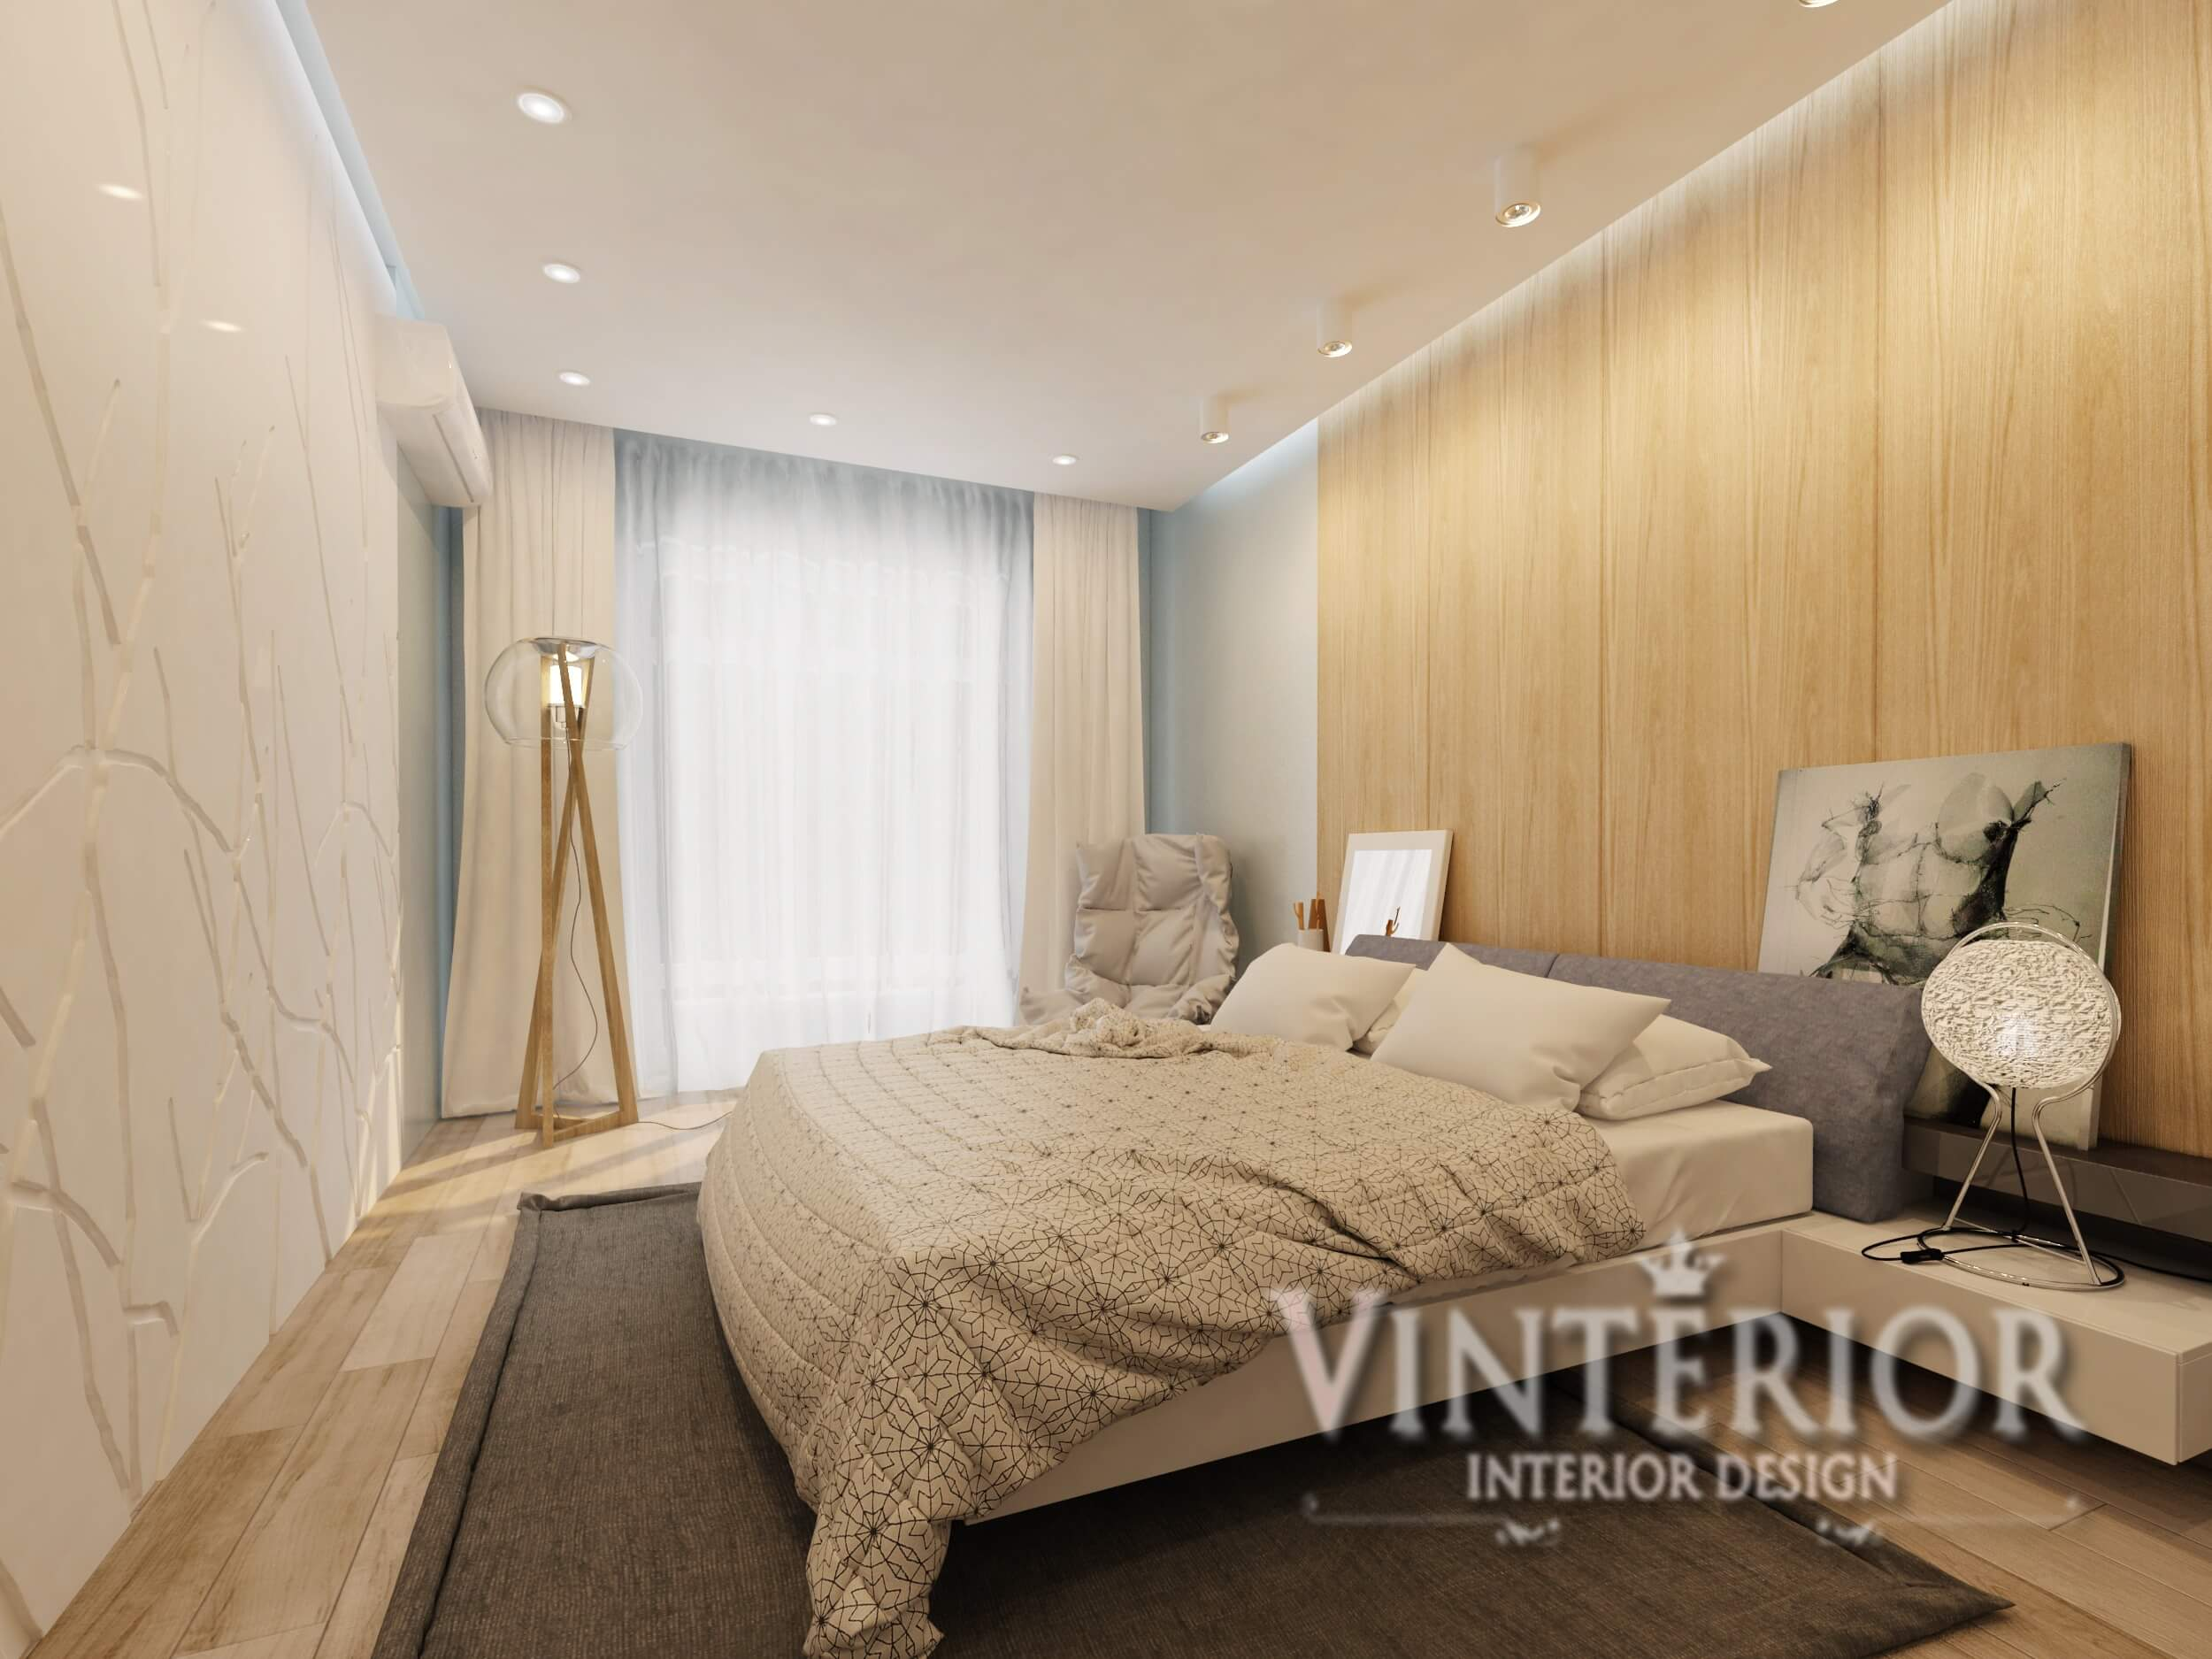 Квартира 3-х комнатная, Лукьяновка, Спальня, г. Киев